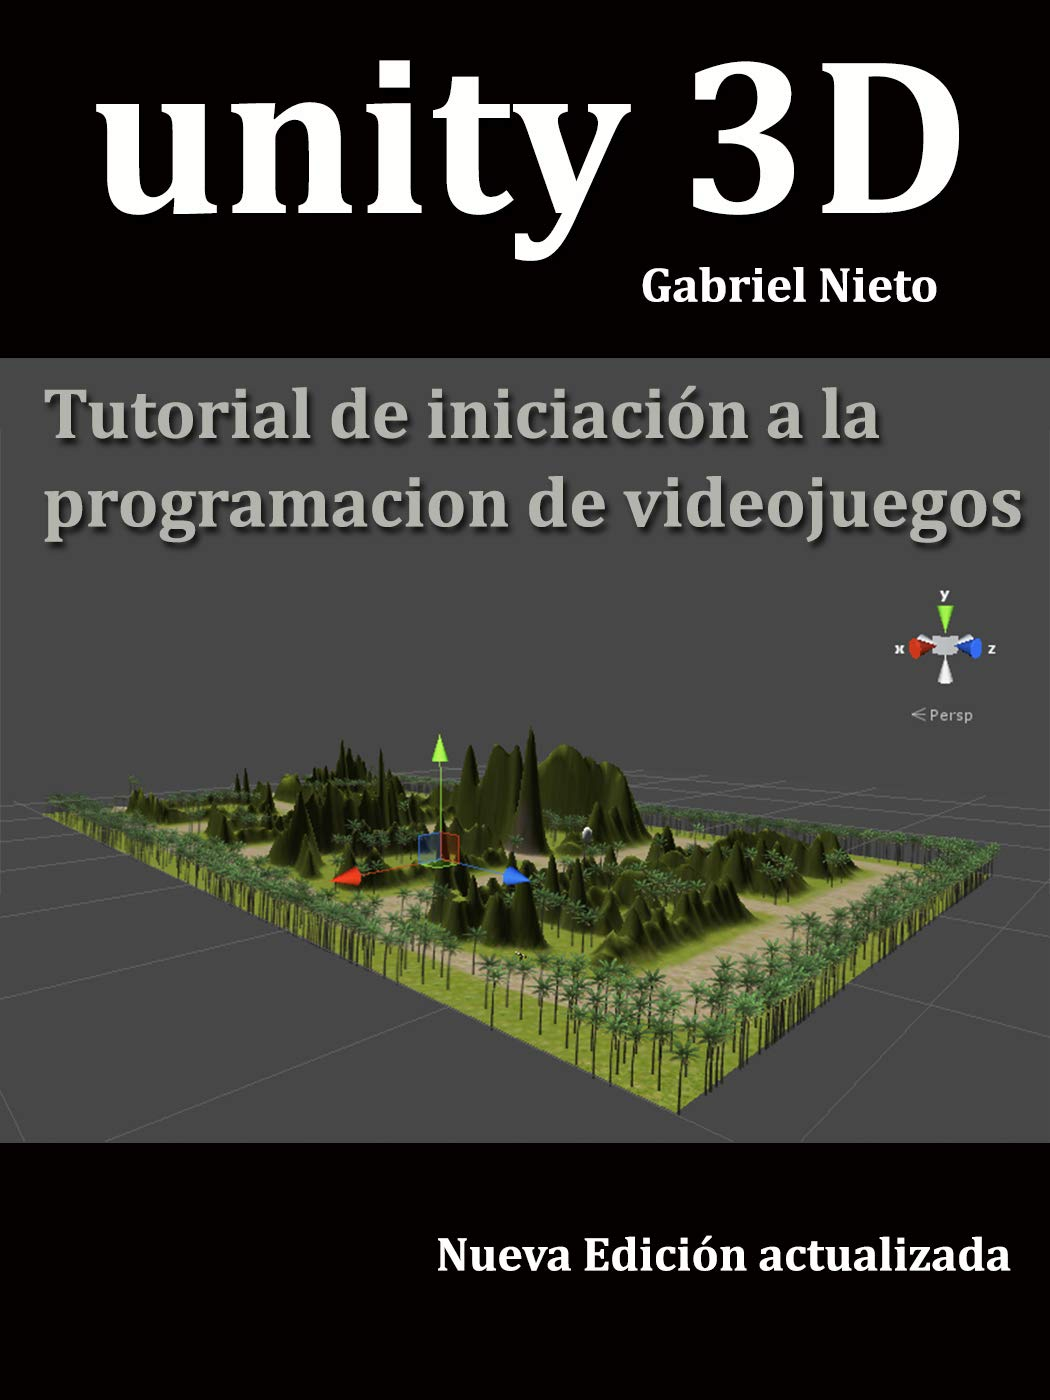 Unity 3d: Tutorial de iniciación a la programación de videojuegos